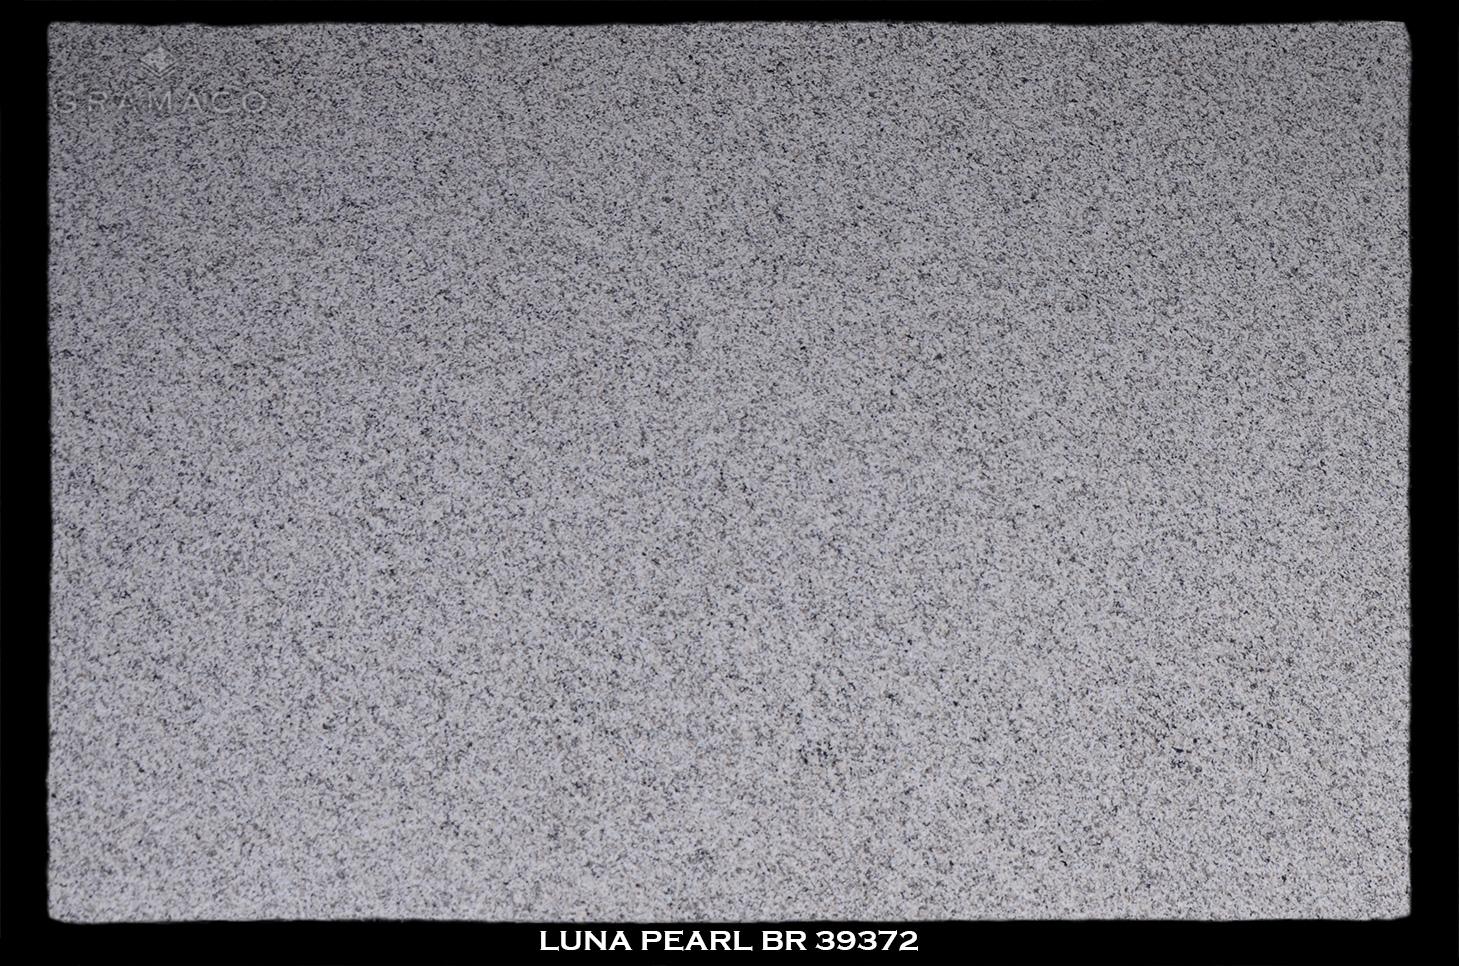 LUNA-PEARL-BR-39372-slab